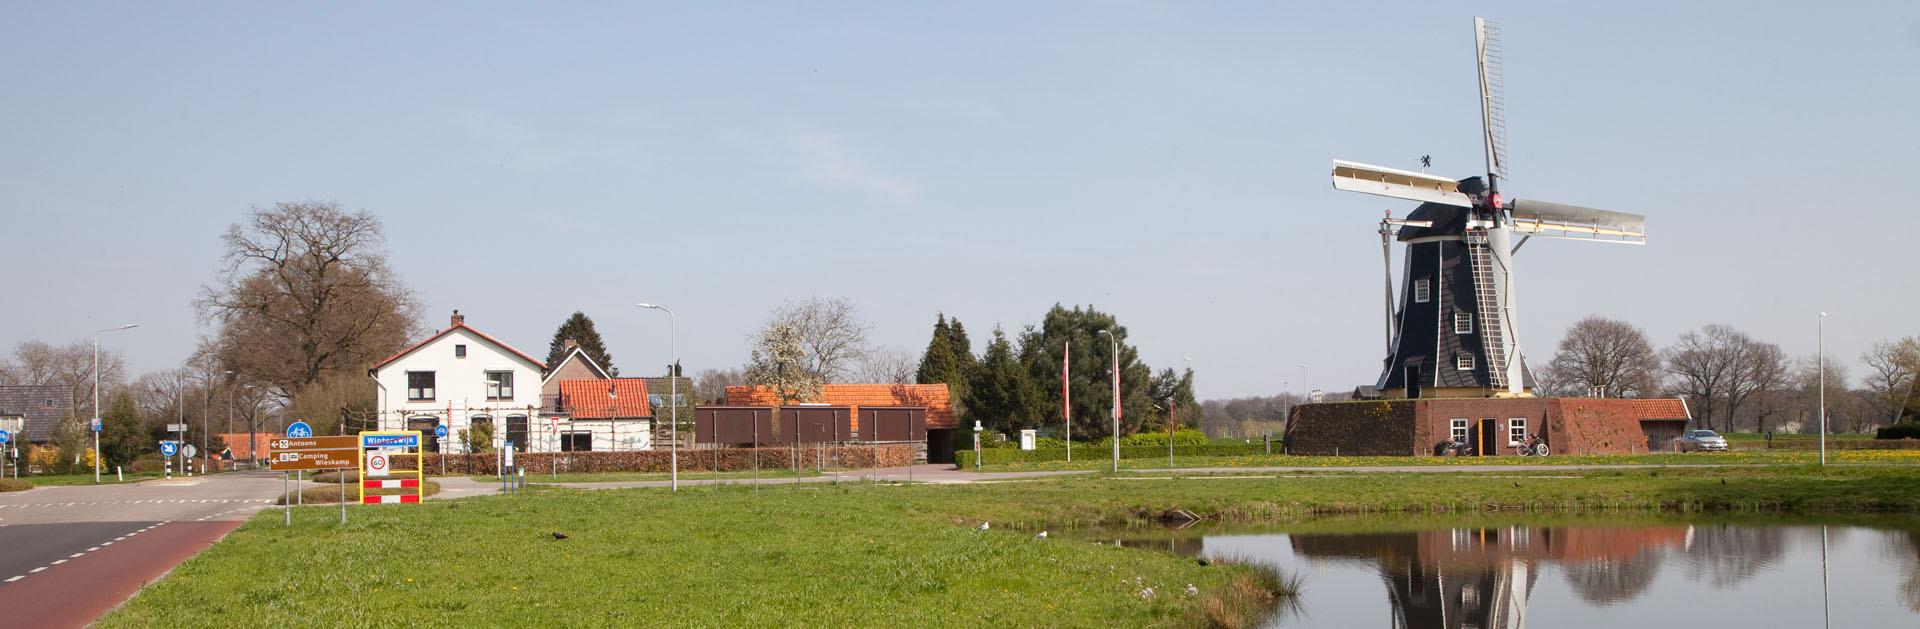 Molen Bataaf - Winterswijk Regio Achterhoek - Liemers